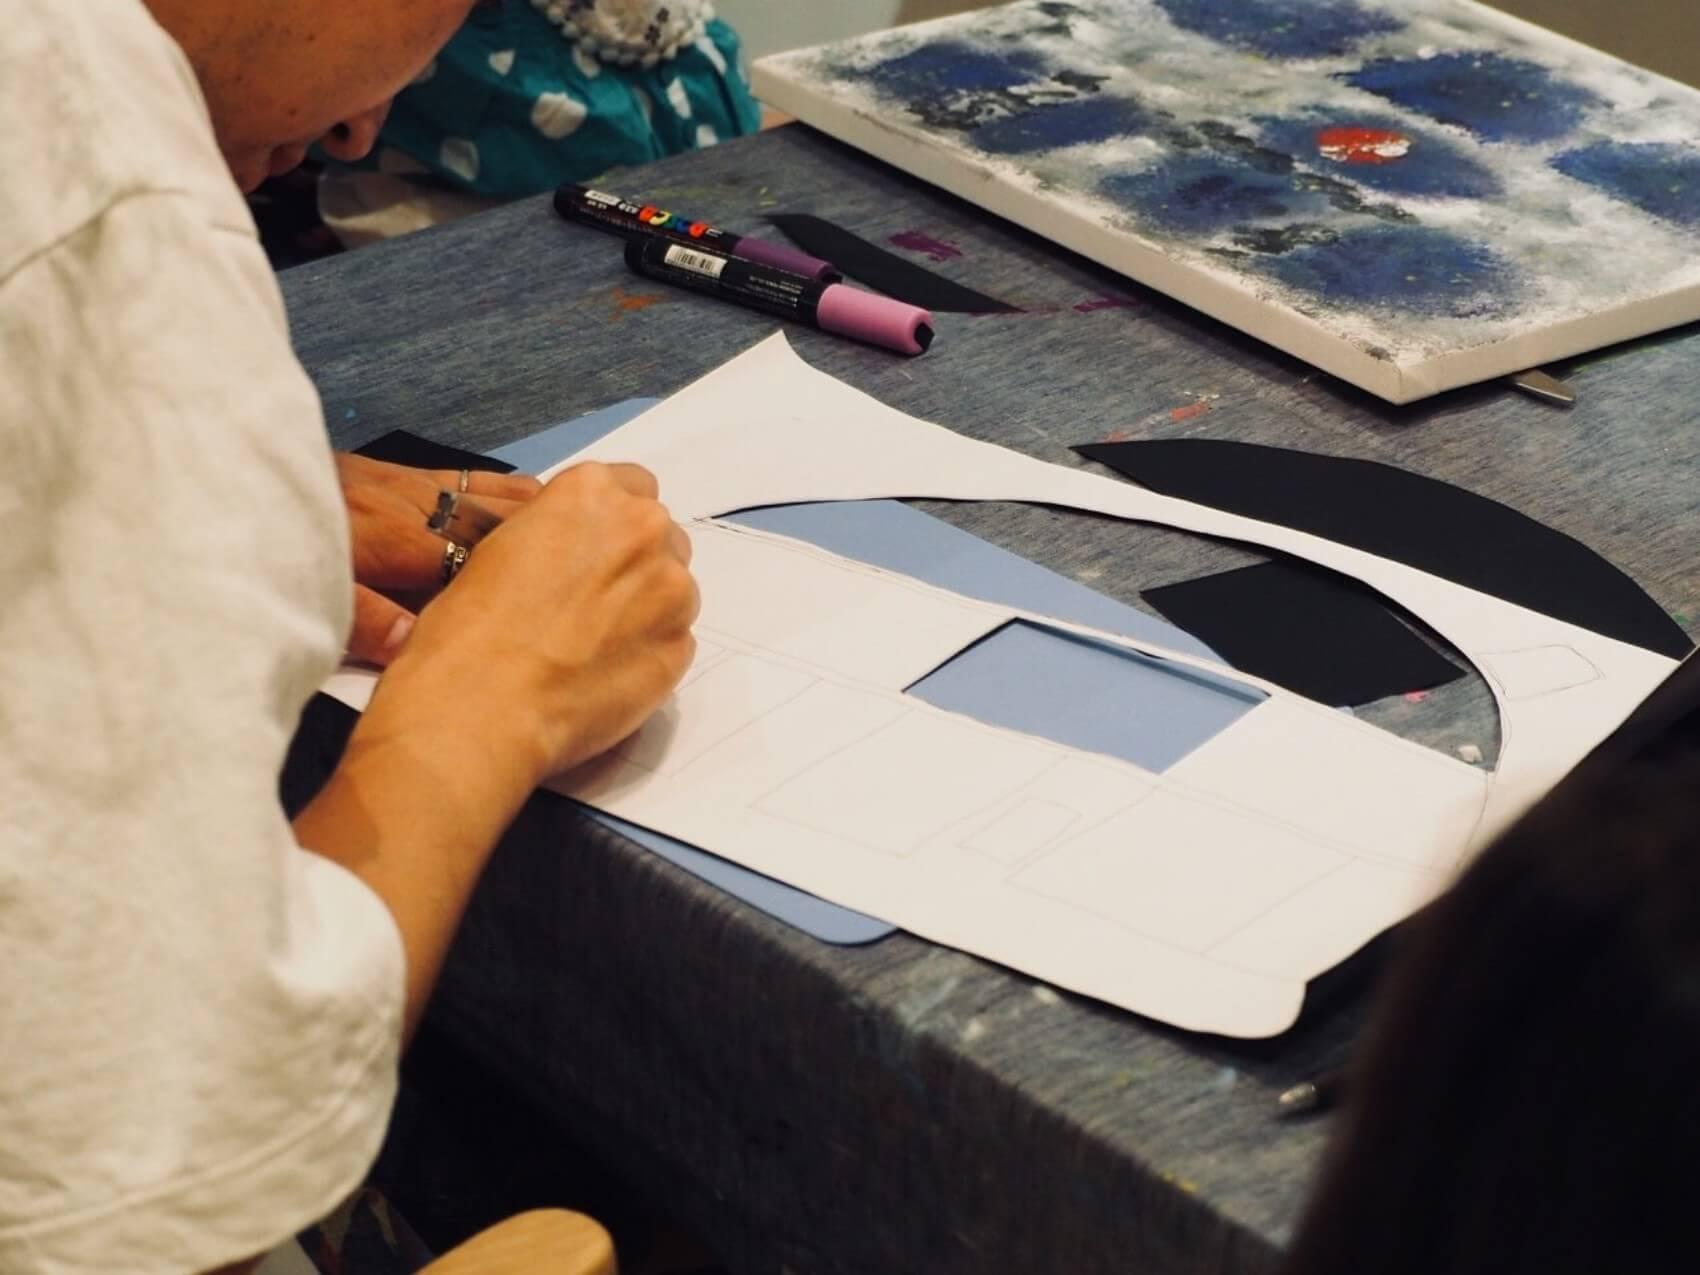 黒板シールの形が、最後は模様となって浮き出します。細かい部分はカッターなどを使い切り取っていきましょう。